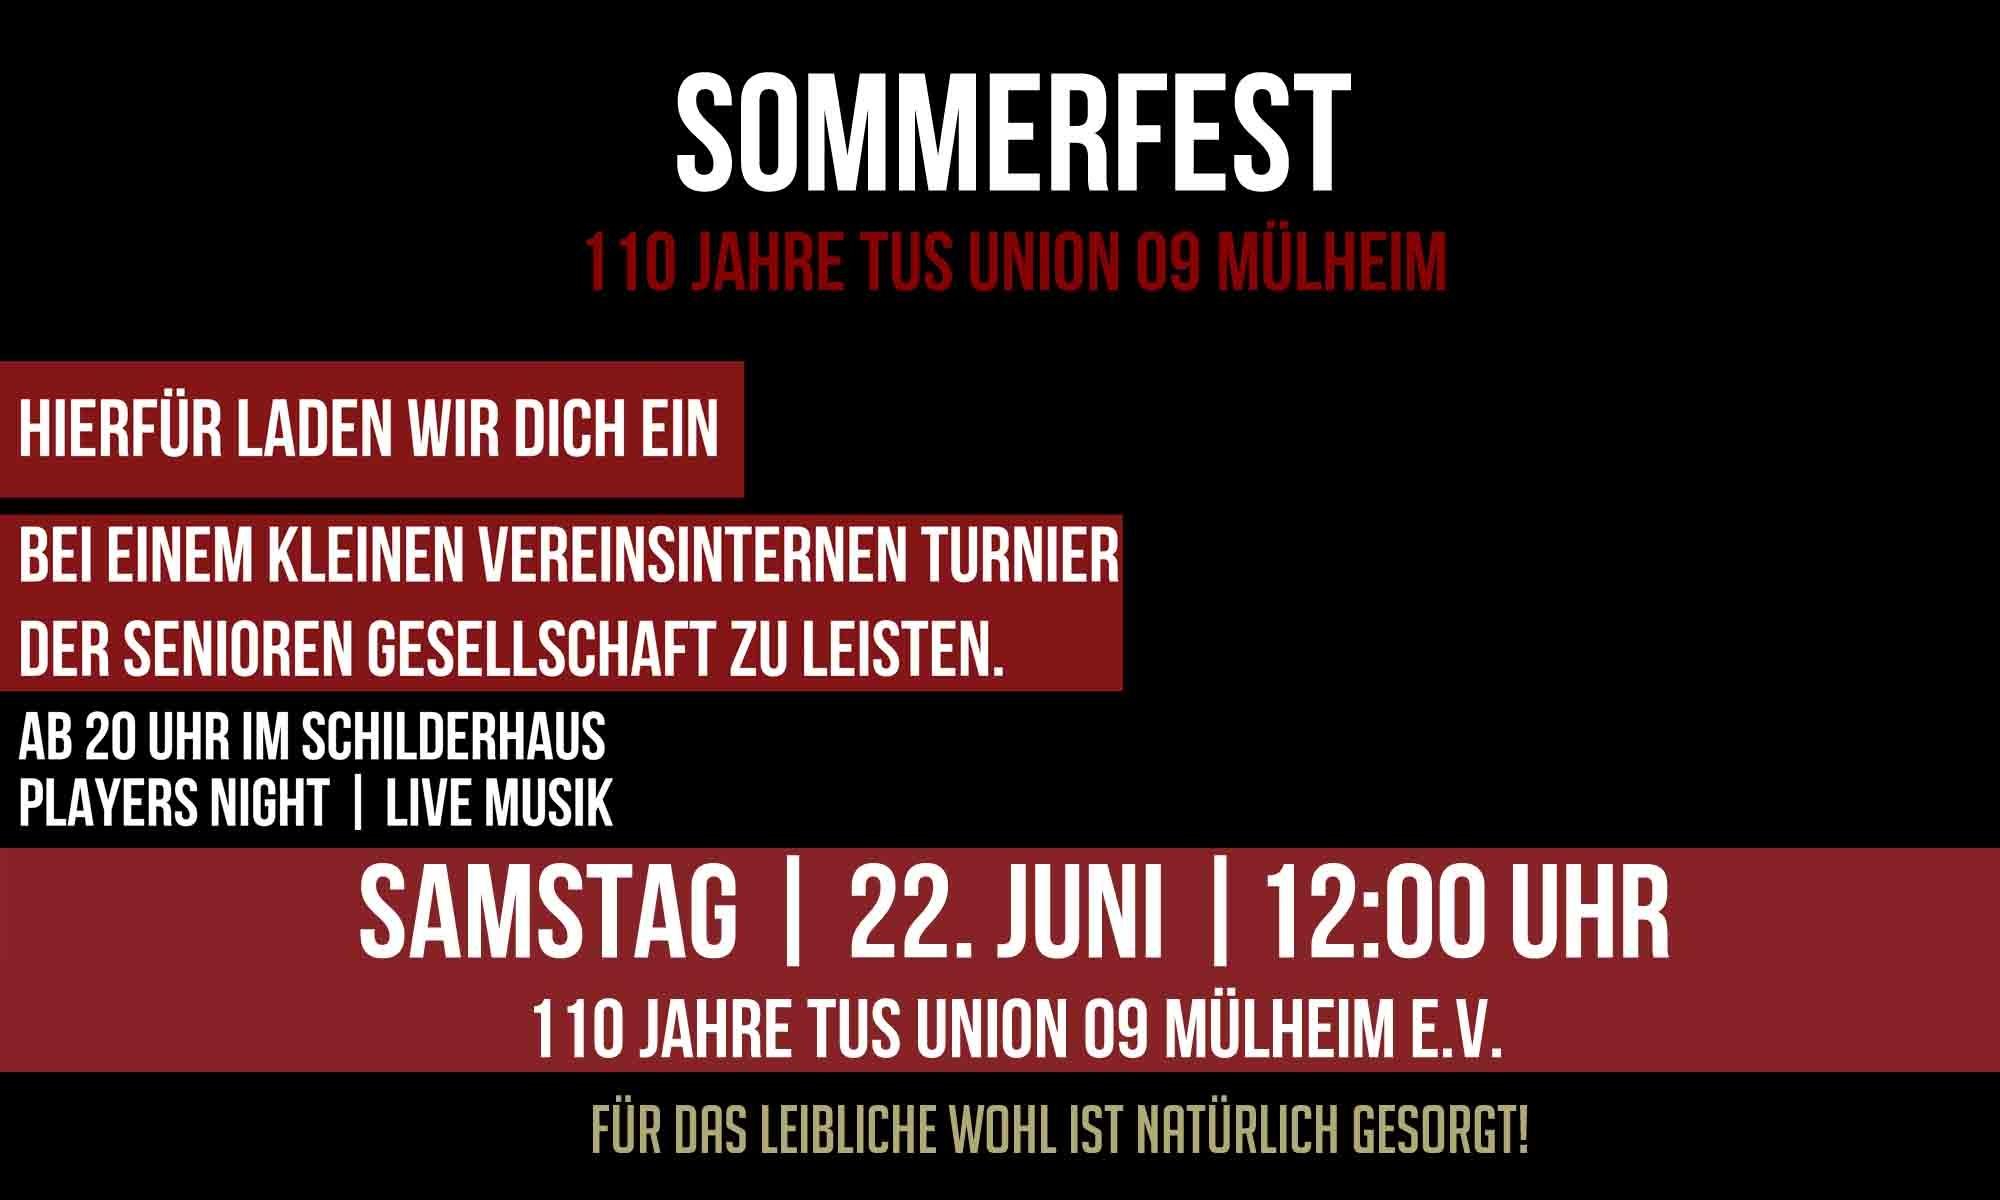 110 Jahre TuS Union 09 Mülheim! Feiert mit uns das Jubiläum!